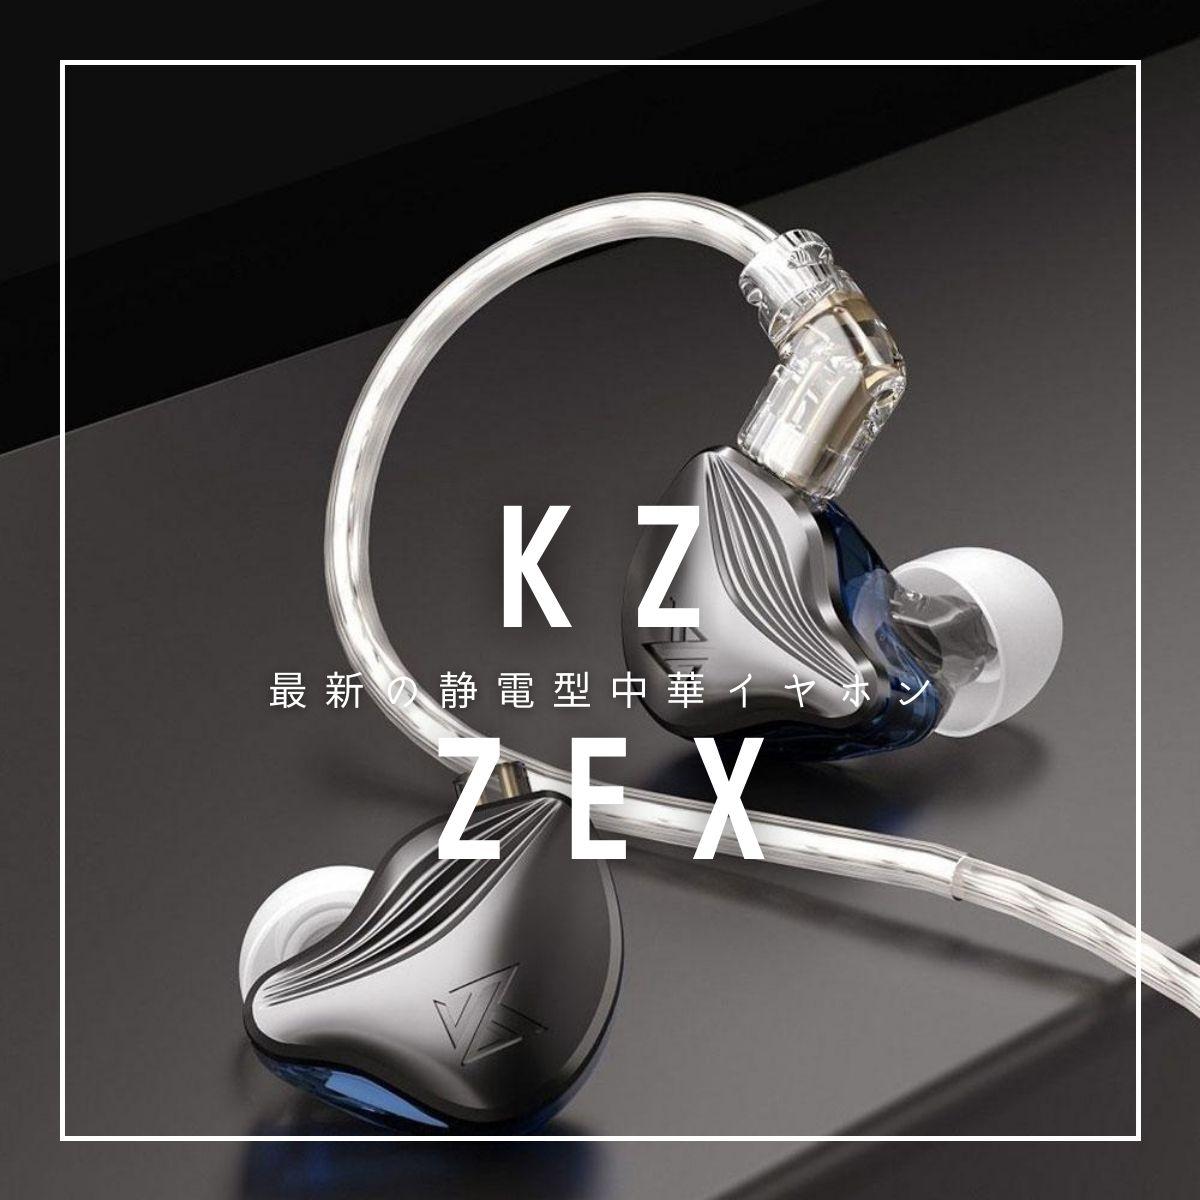 KZ ZEX